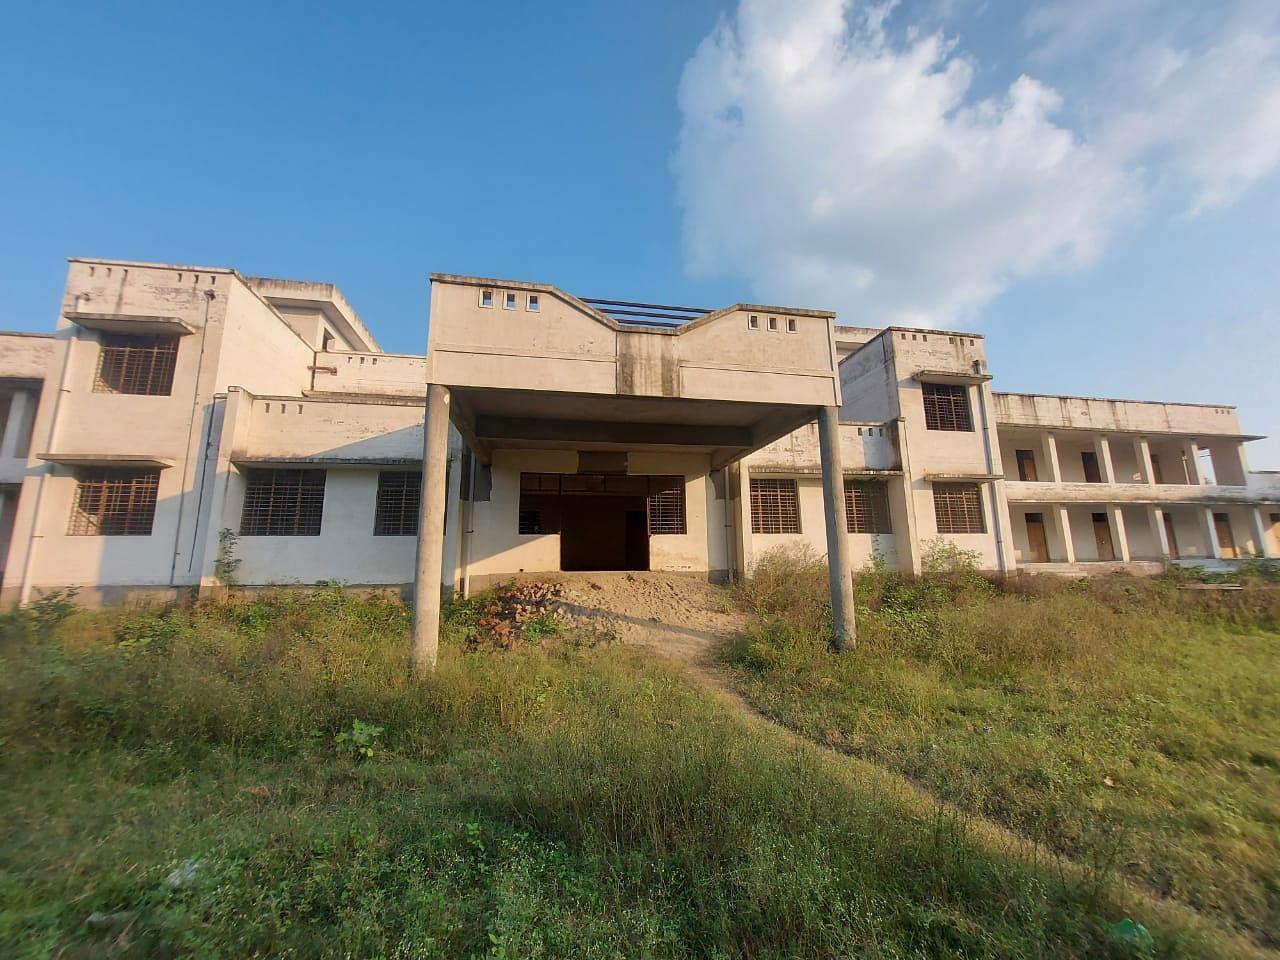 कुतुबपुर में तैयार राजकीय इंटर कॉलेज का भवन